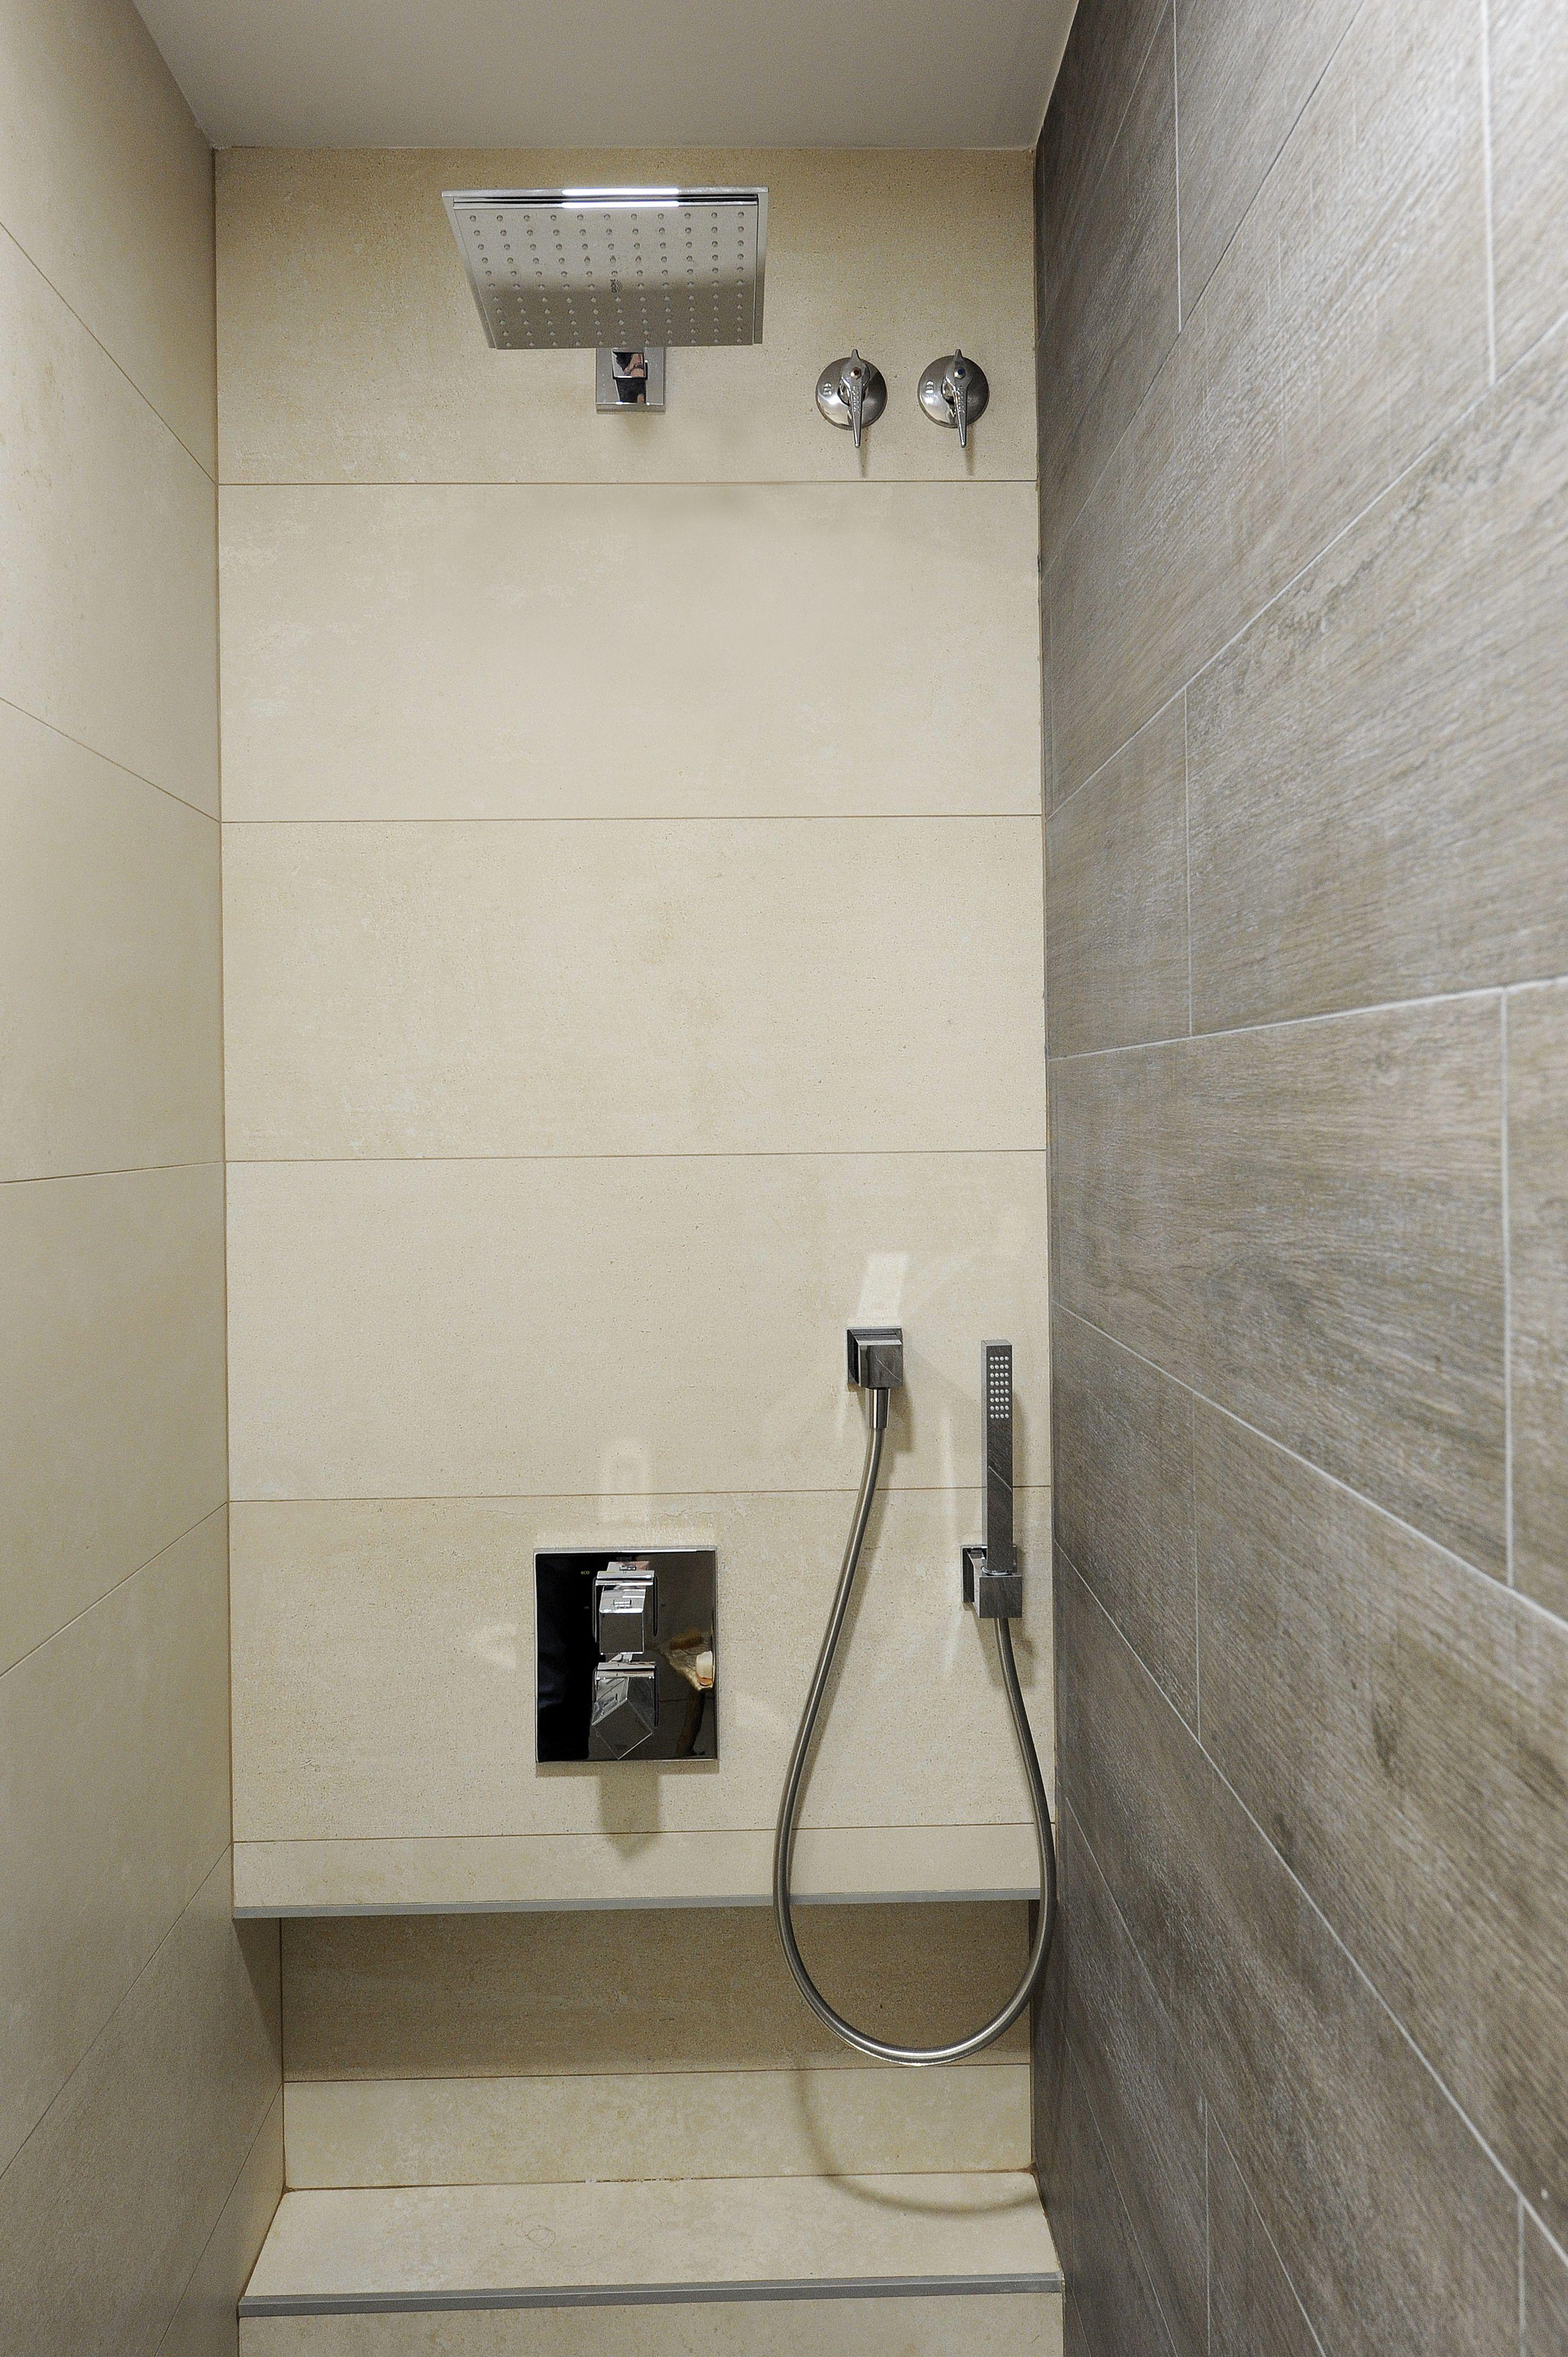 Duchas moderna con rociador de pared Grohe. Faiçó interiorismo ...